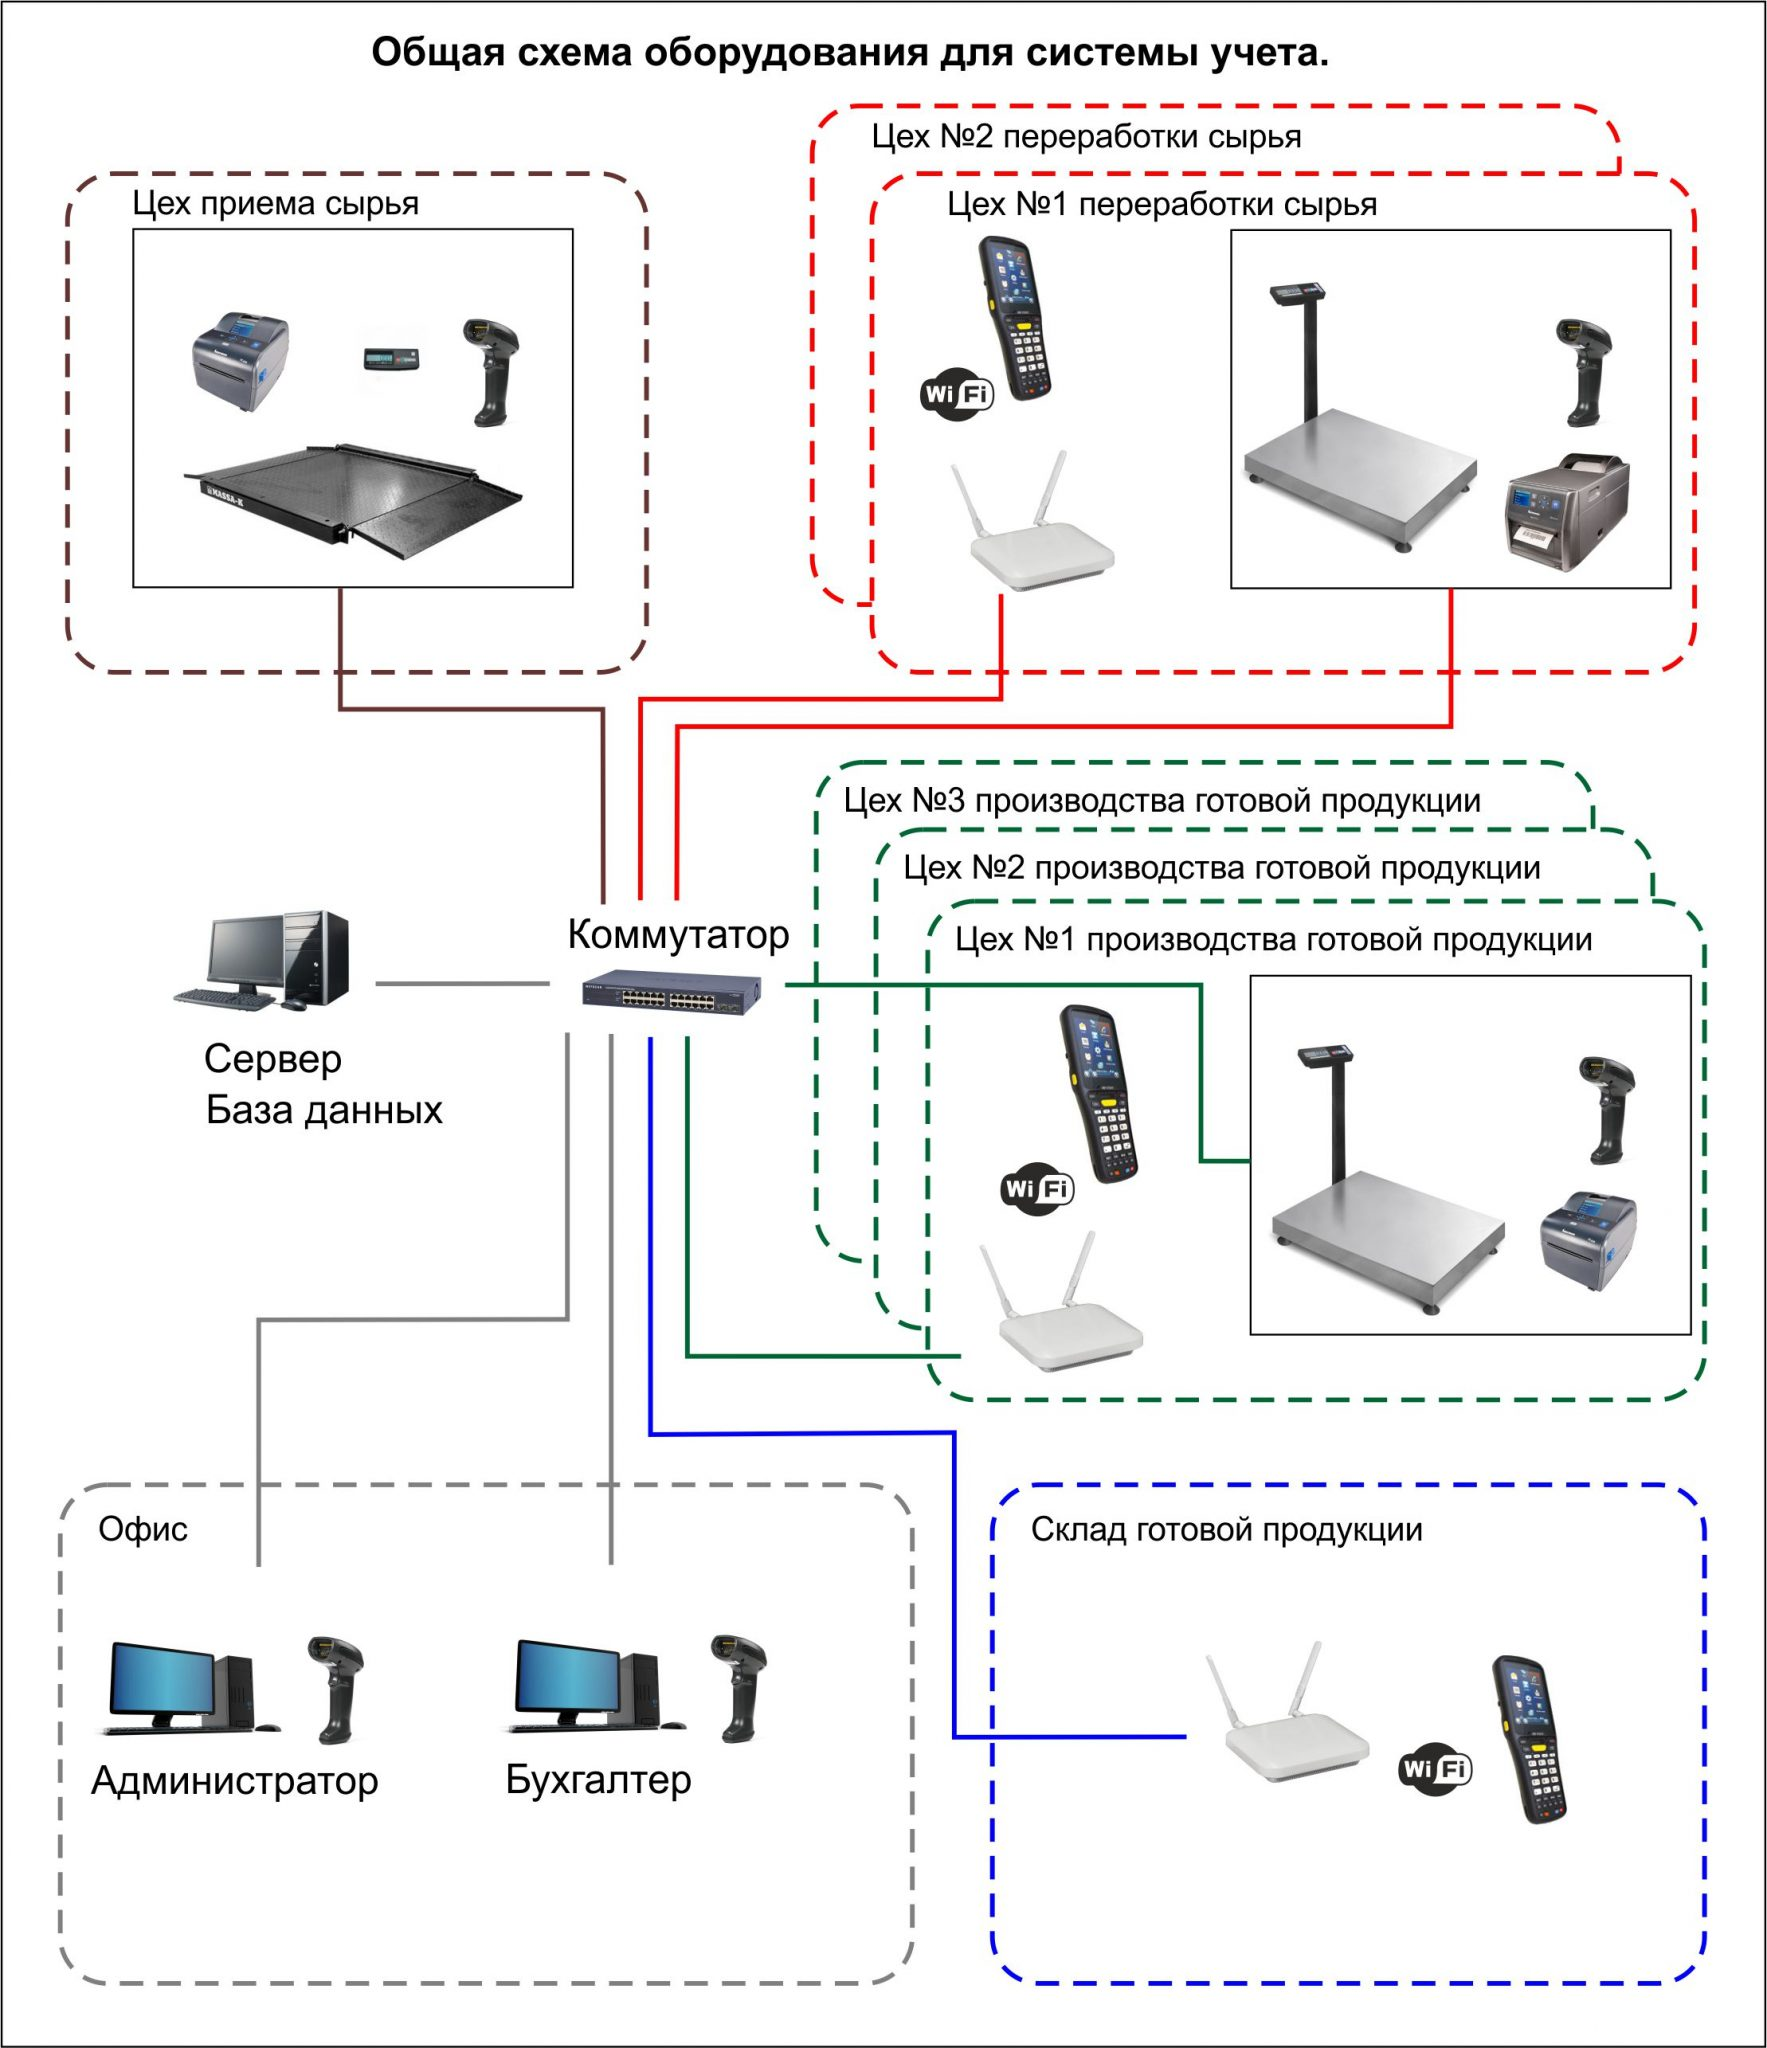 Схема оборудования для системы учета